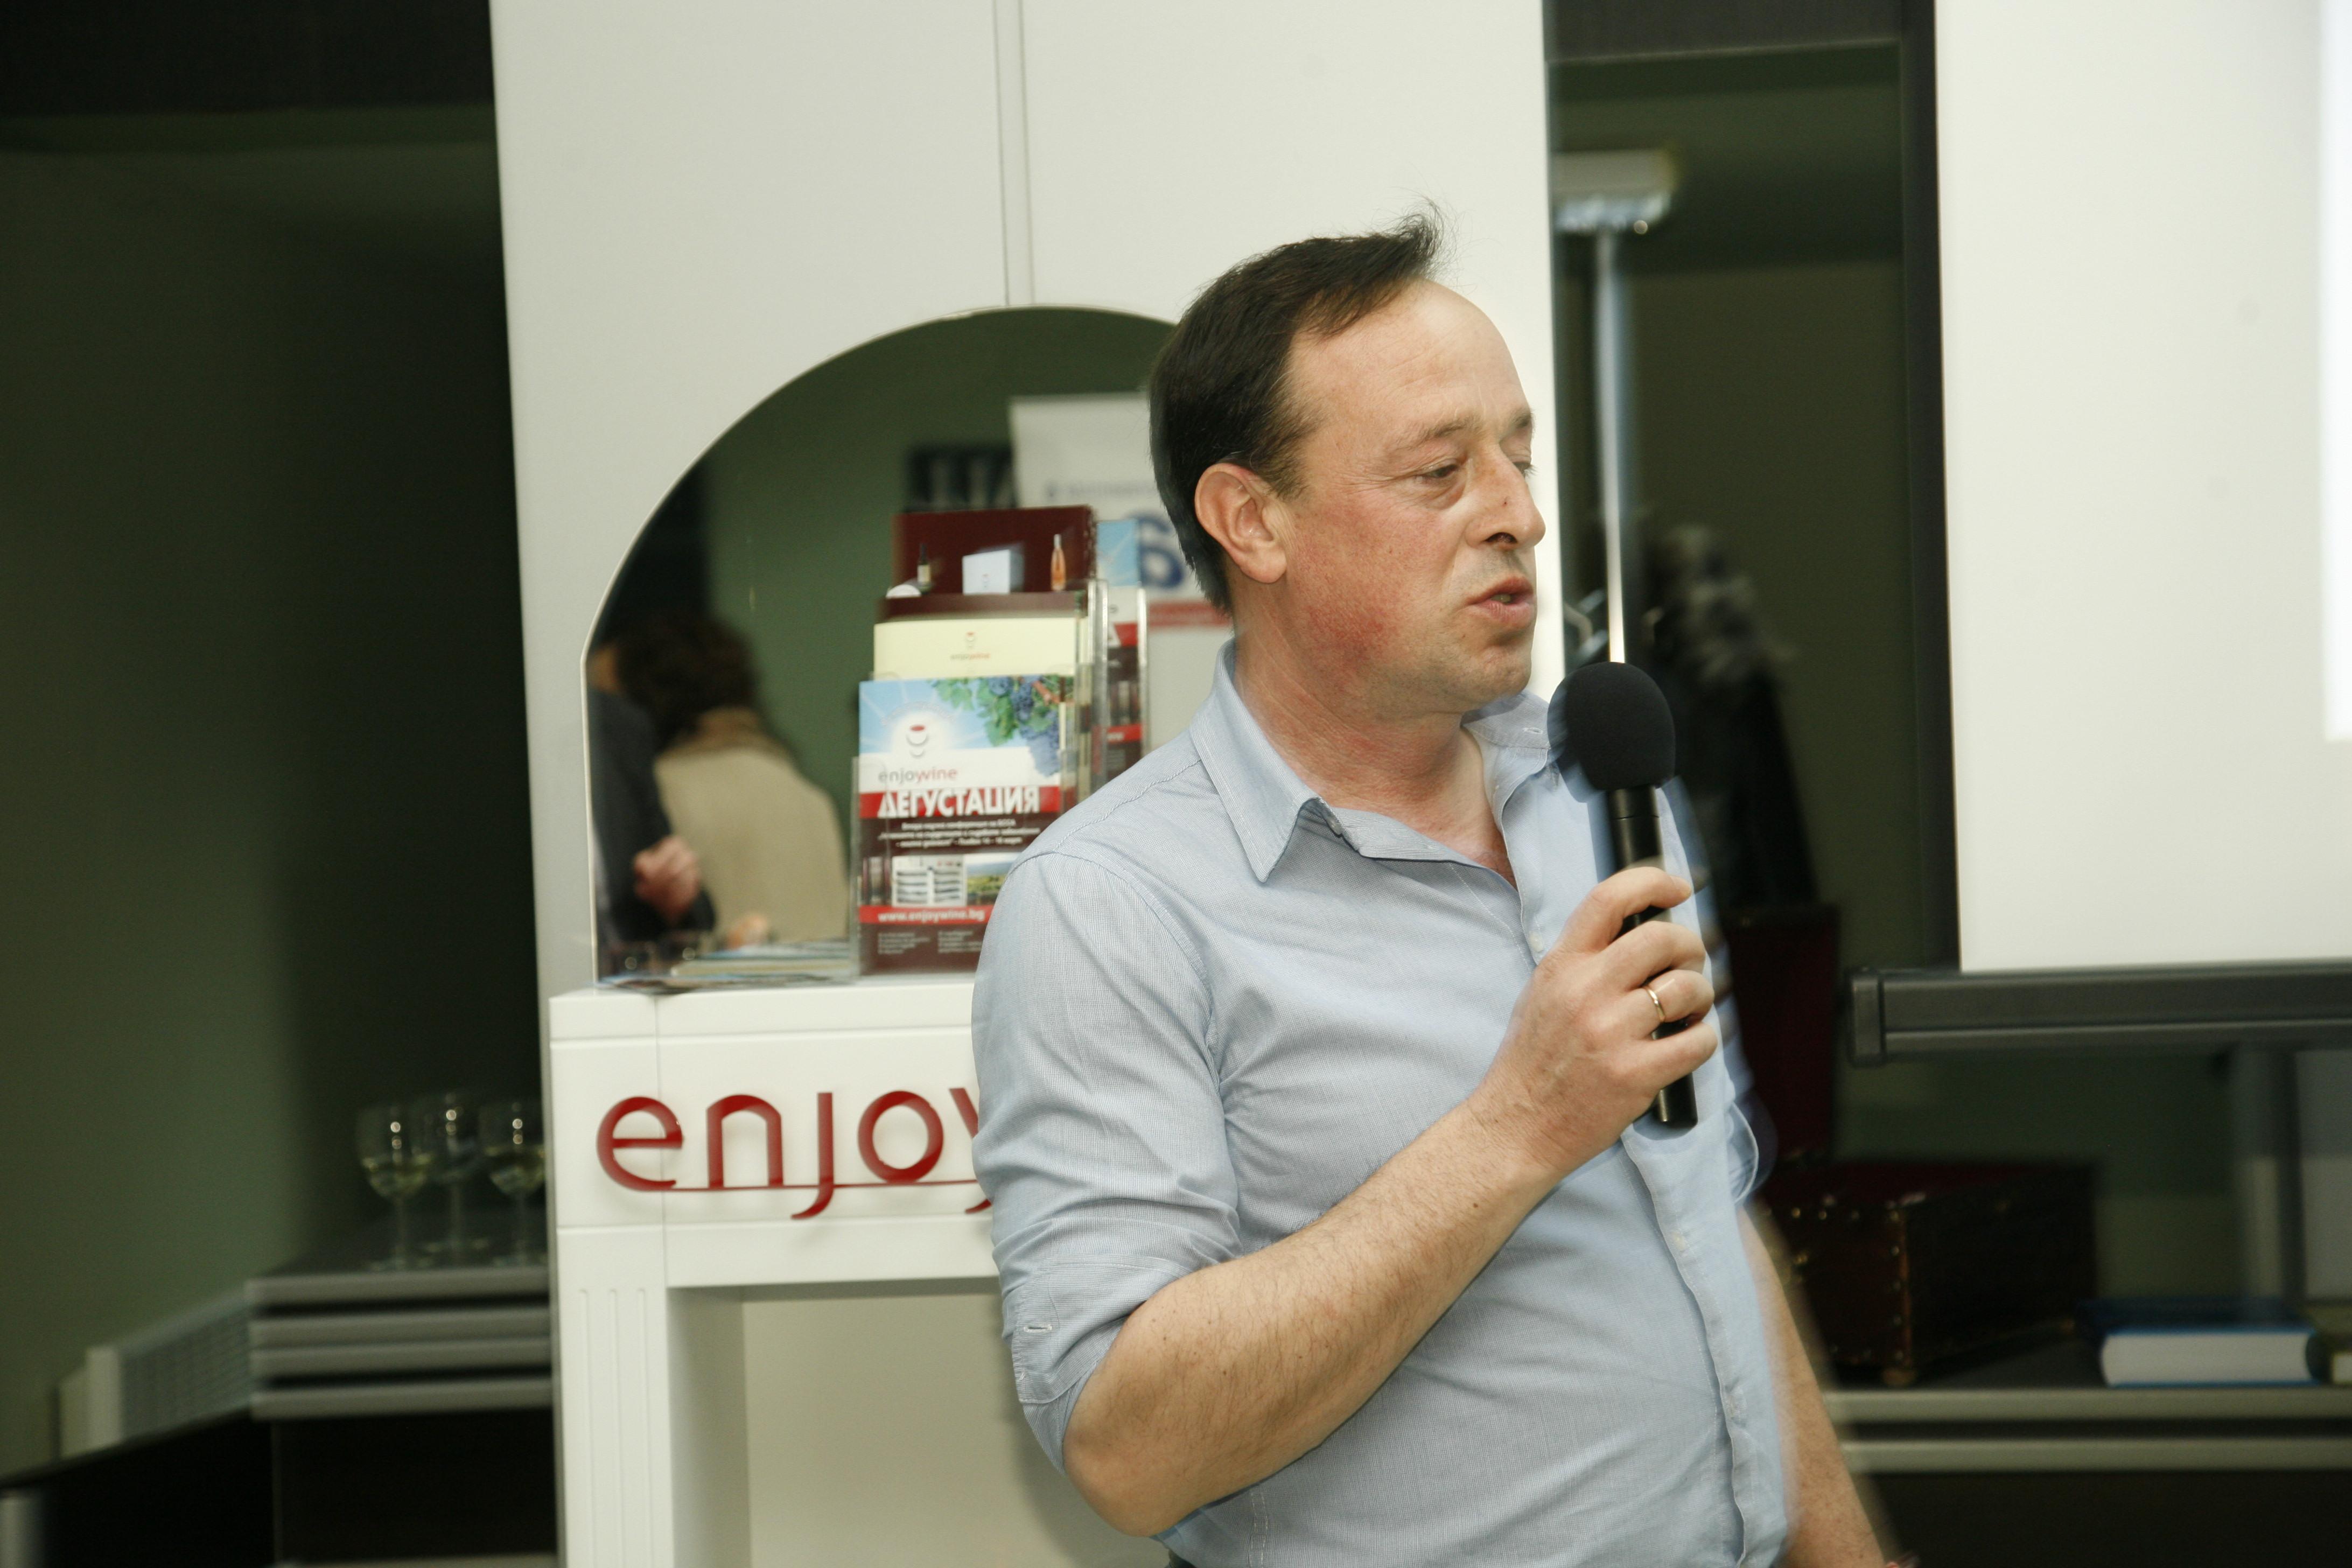 Втори лектор Светослав Димитров